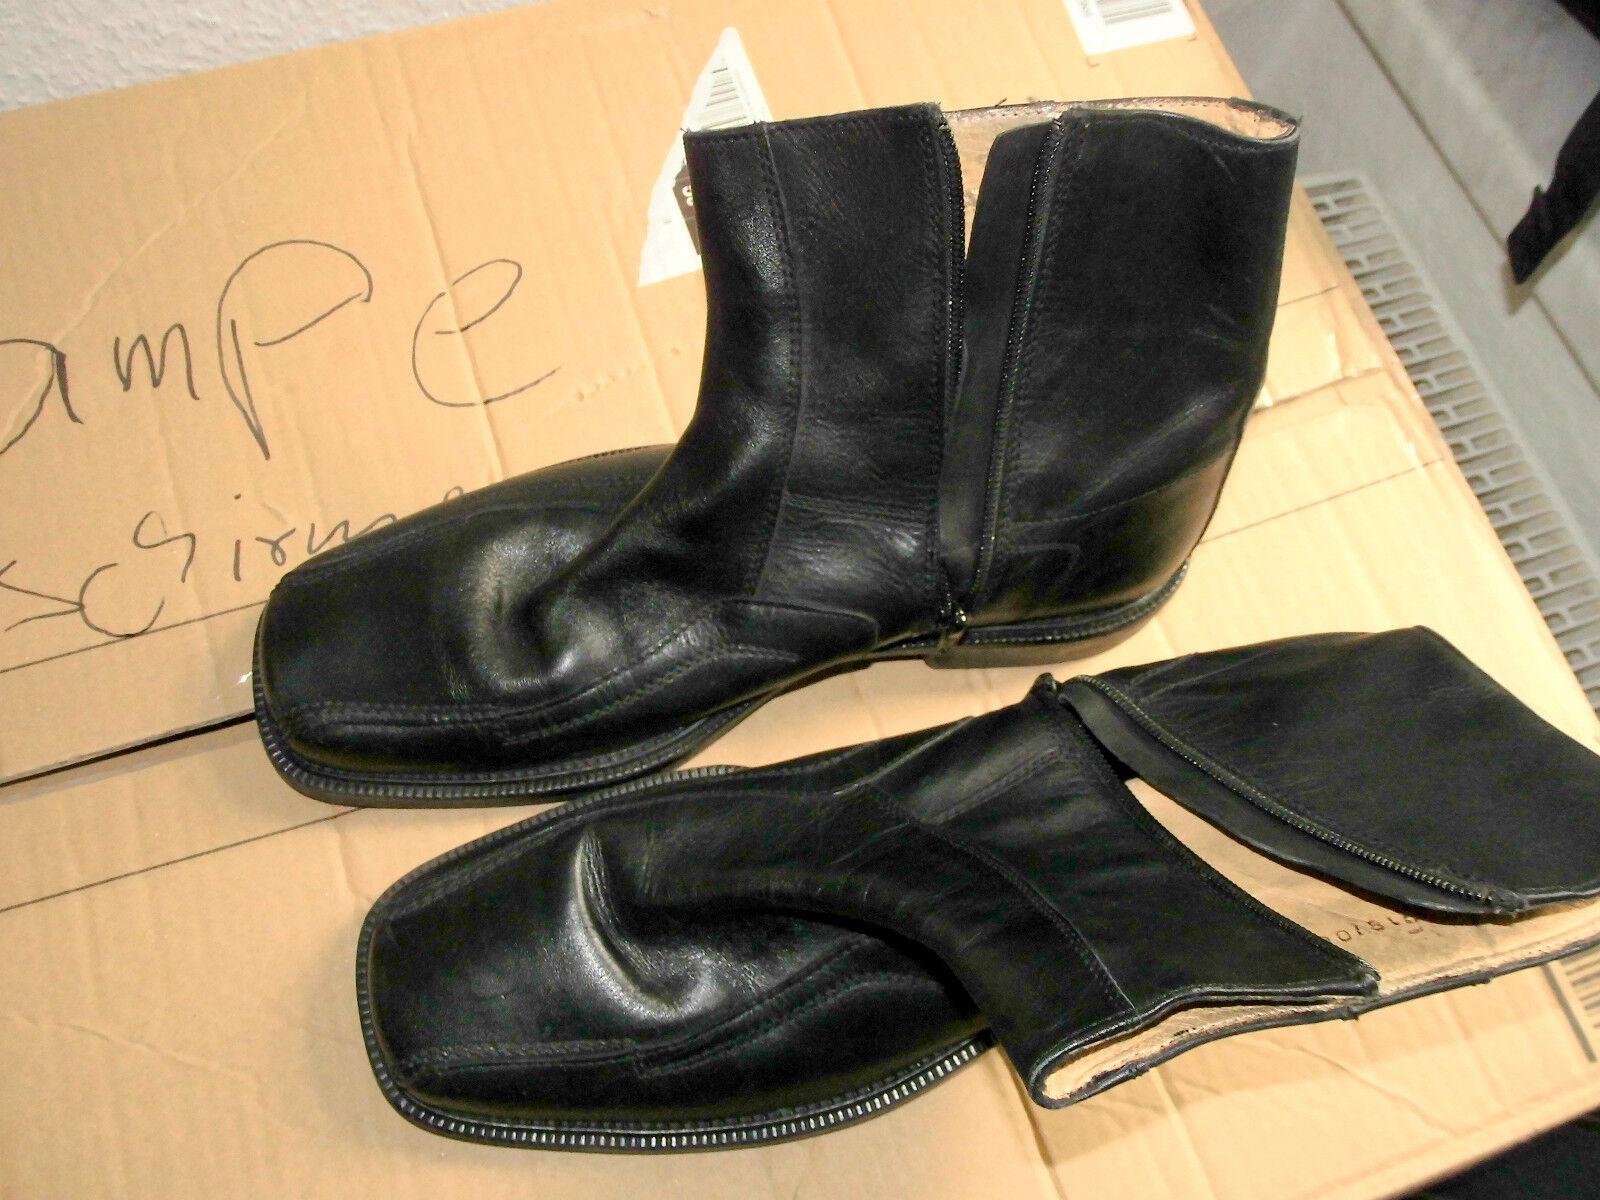 Stivali da g uomo di Marc in nero, g da 44, come nuovo 476f6f